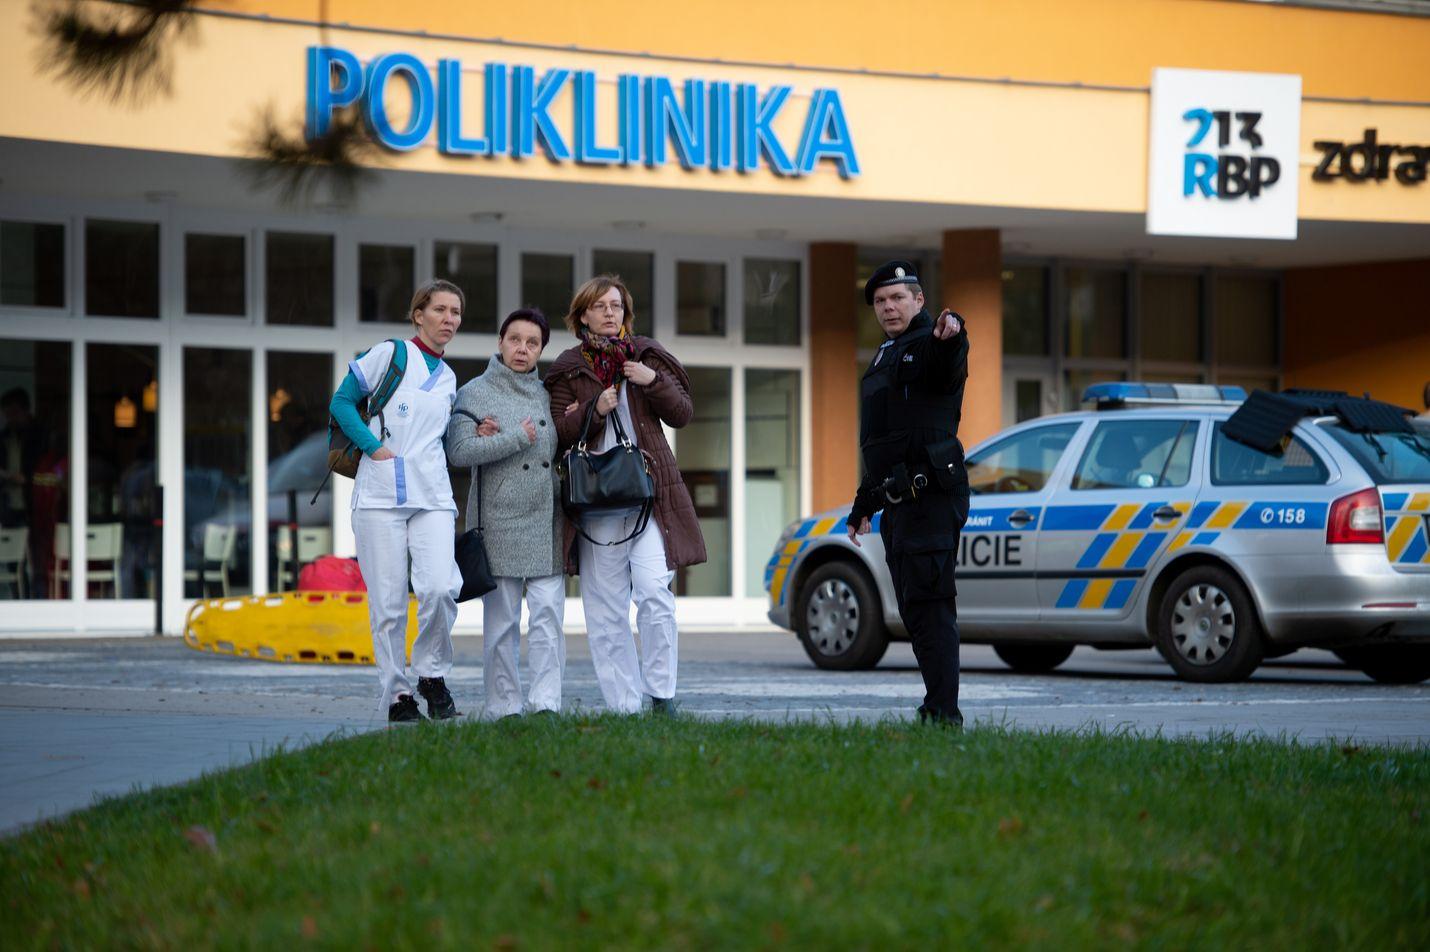 ihmisiä evakuoidaan Ostravan yliopistollisesta sairaalasta ampumisen jälkeen.